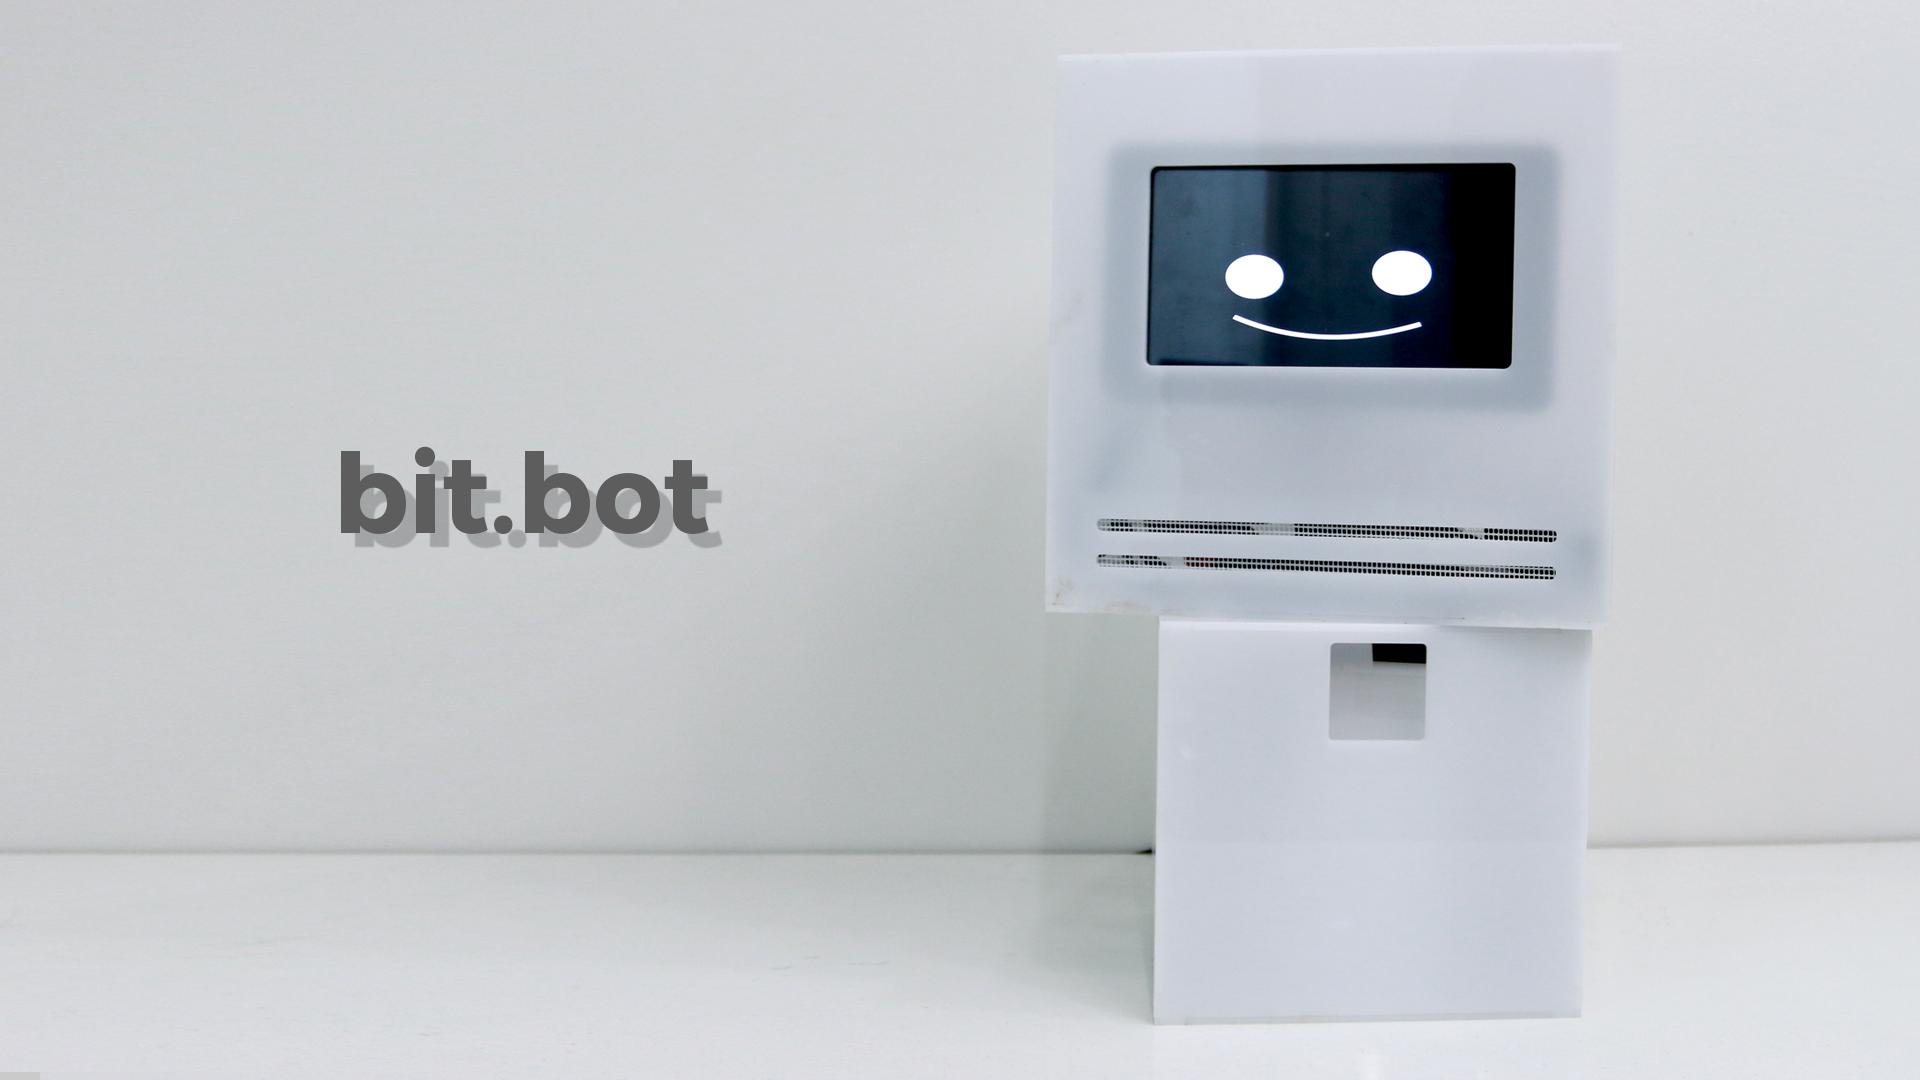 bit.bot